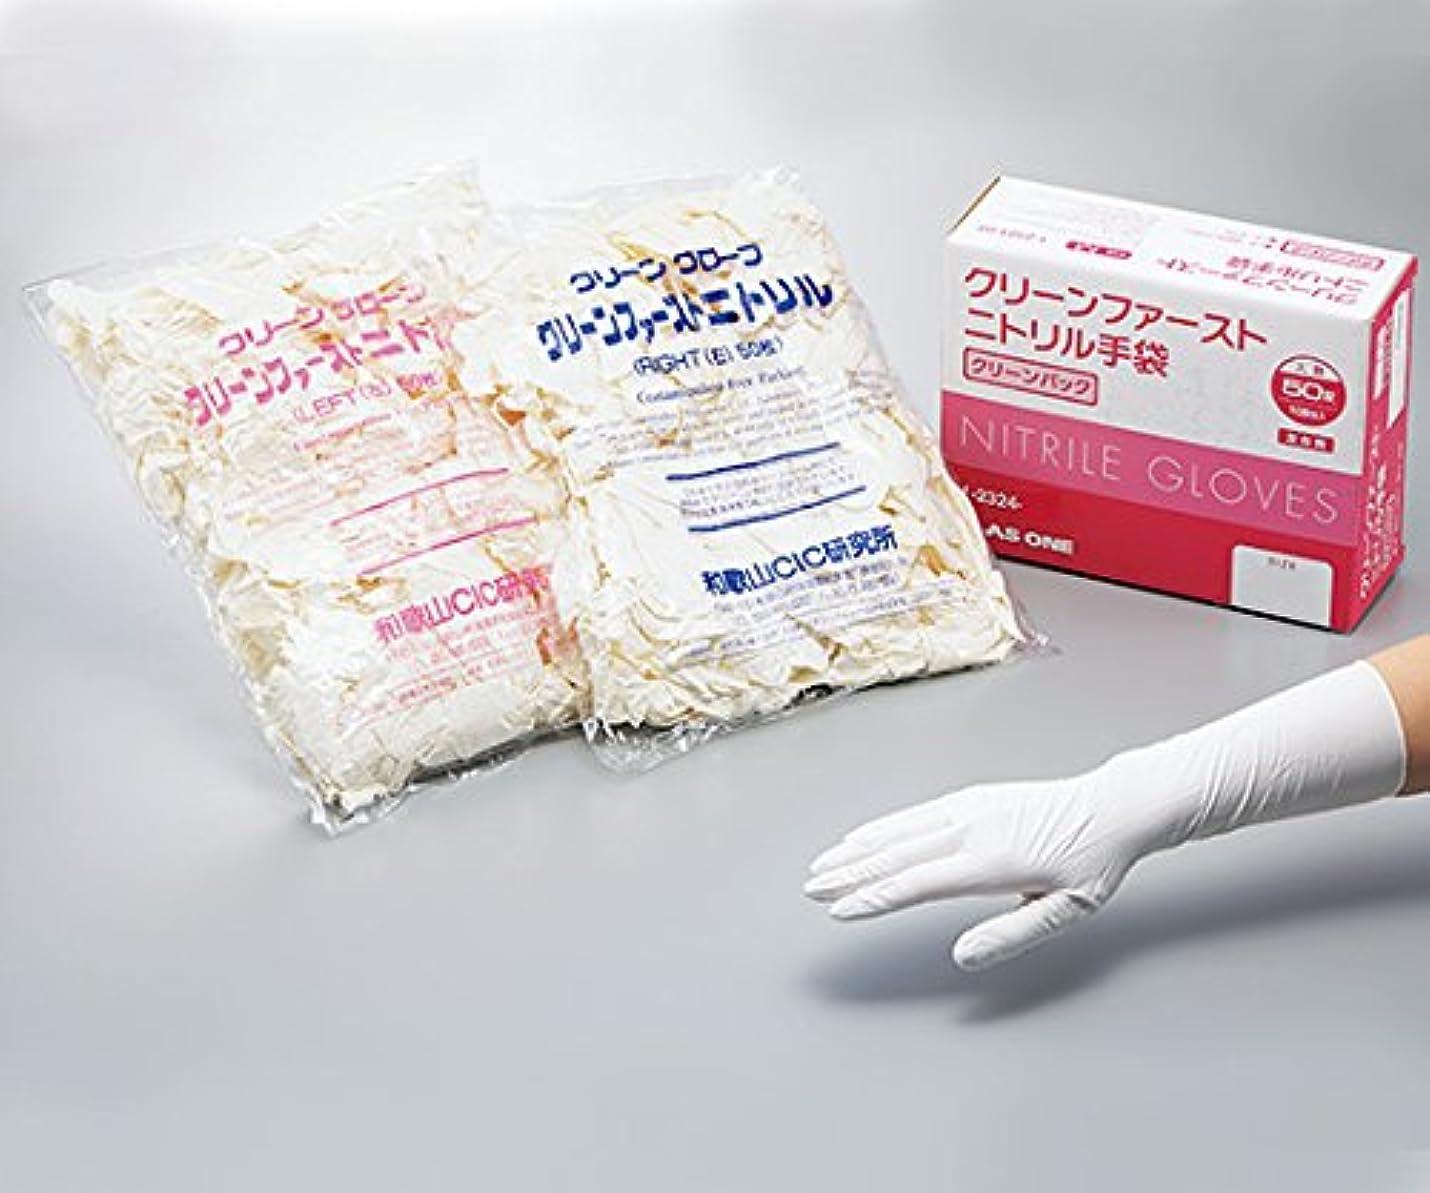 ダメージ生活最大のアズワン1-2324-03クリーンファーストニトリル手袋(ペアタイプ)クリーンパックM左右各50枚入